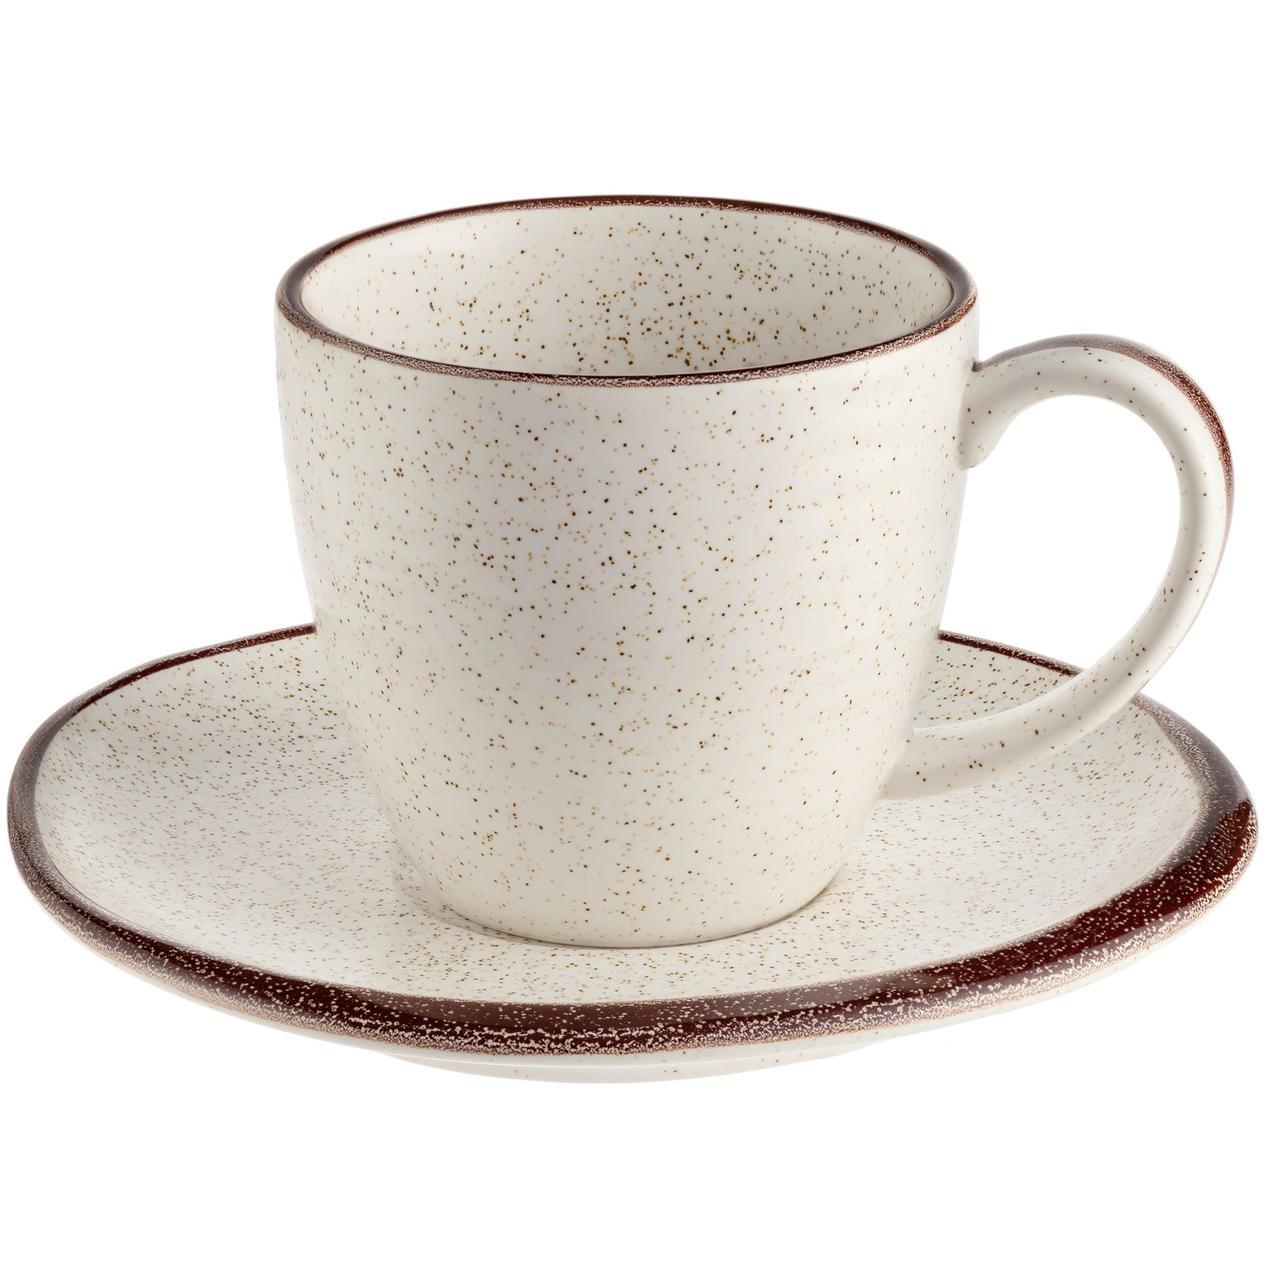 Чайная пара Grainy (артикул 11062.00)